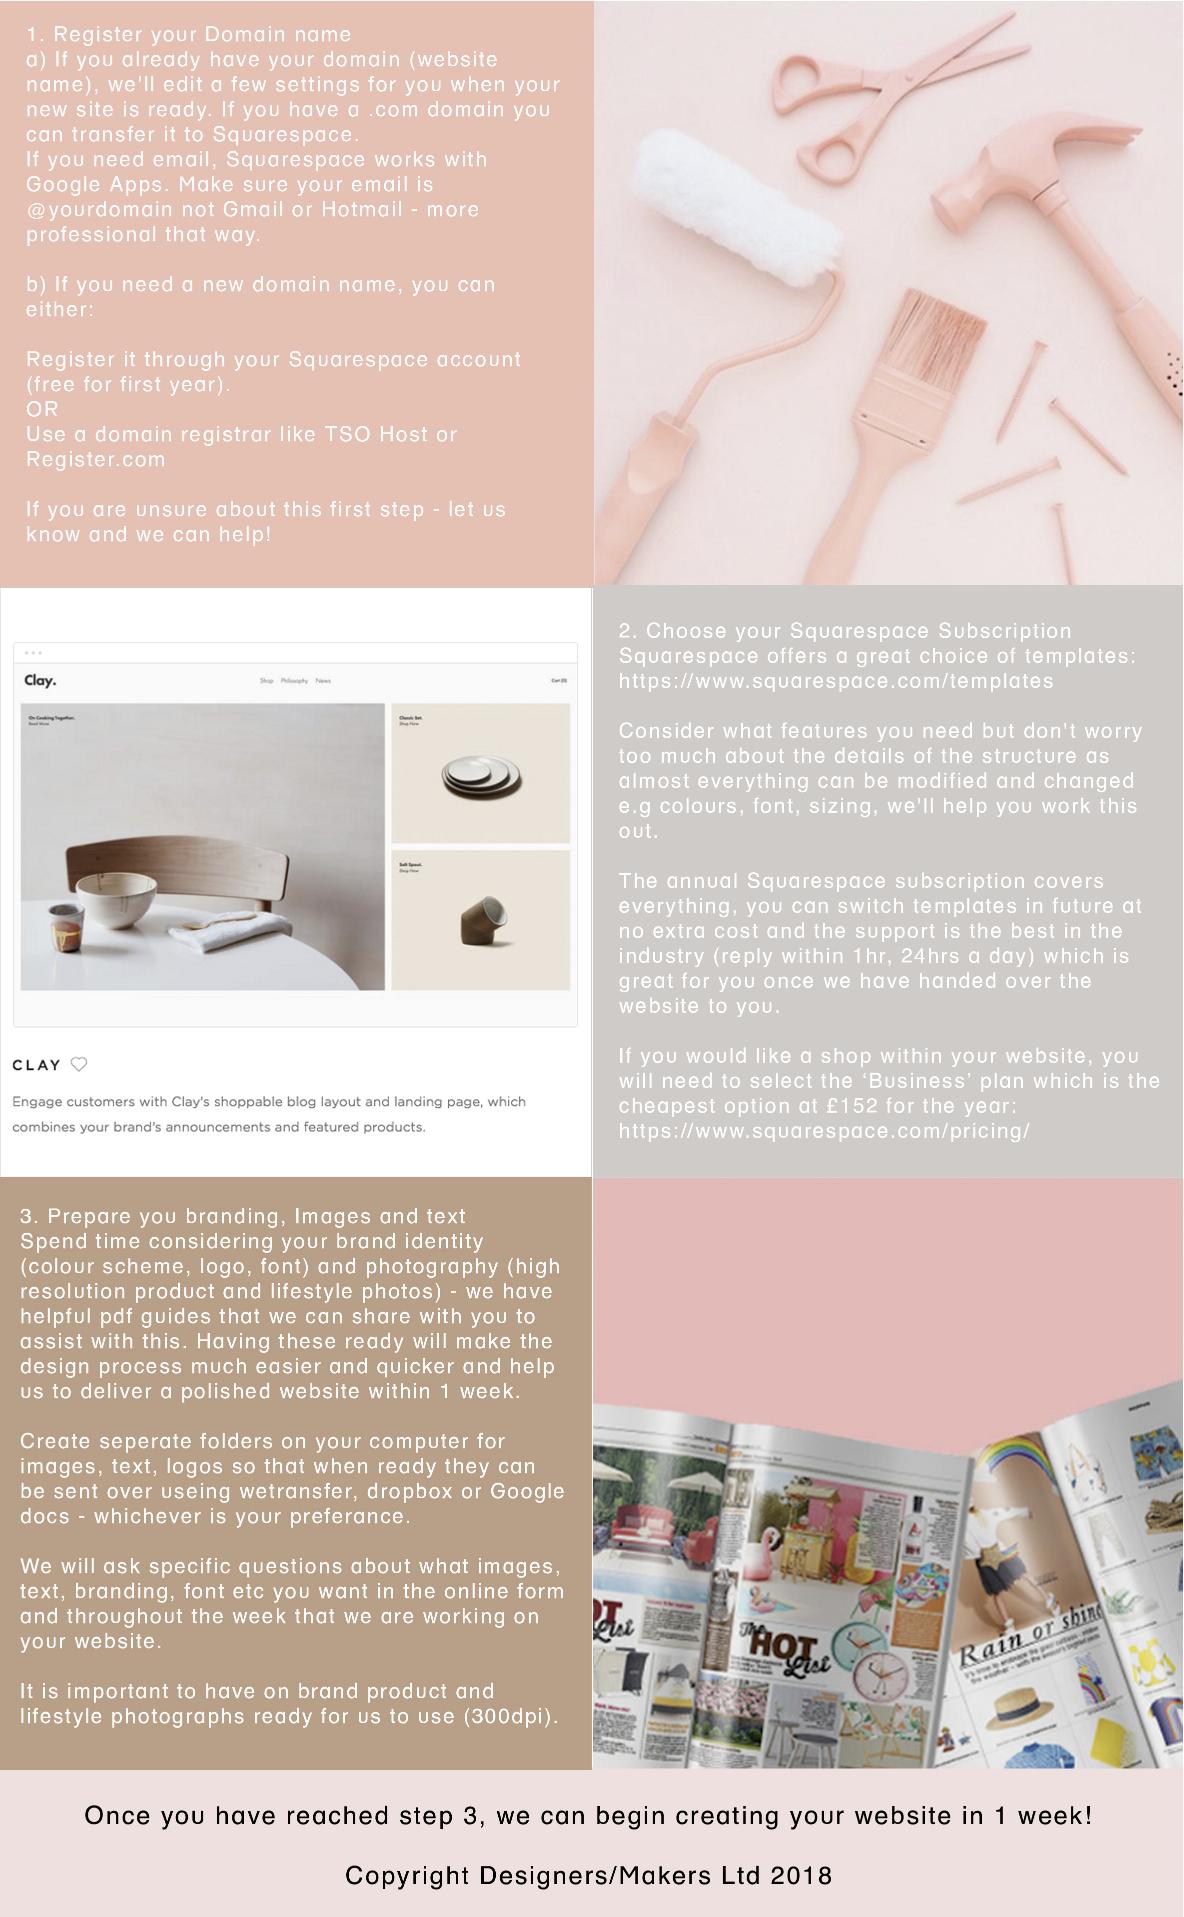 Website In One Week Guide.jpg